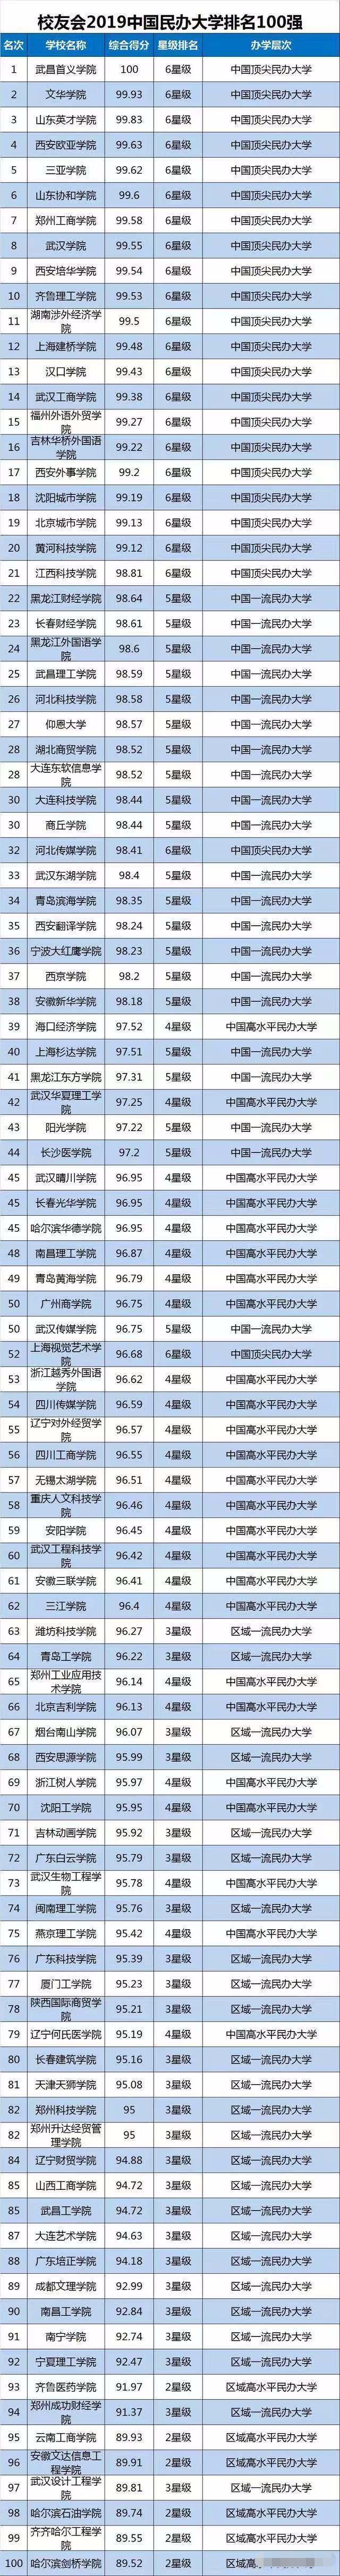 校友会2019中国大学排名_北大蝉联榜首